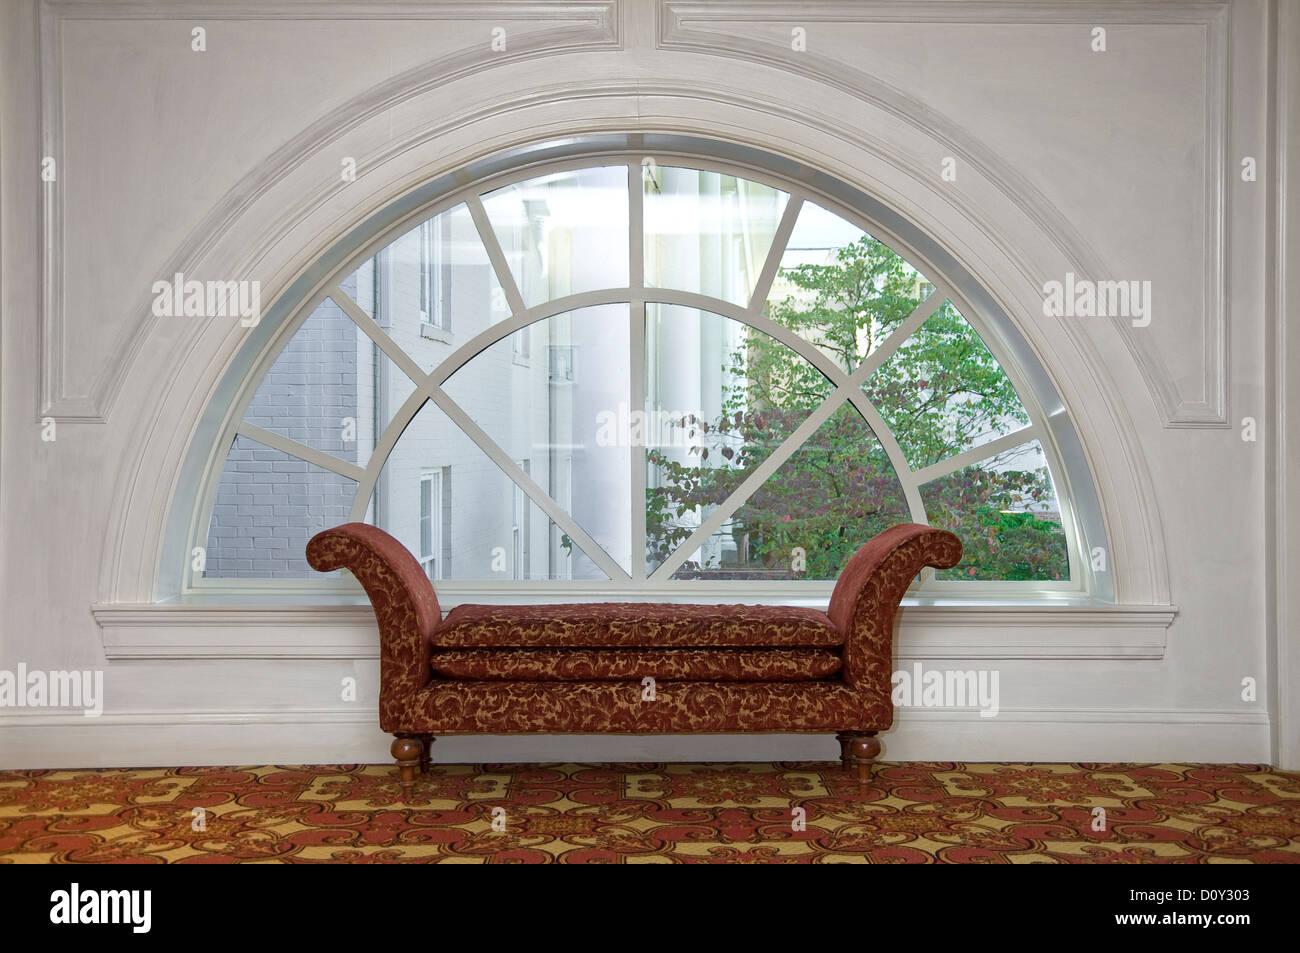 Chaise longue Chaise longue en face de Arch Fenêtre, hall de l'hôtel Photo Stock